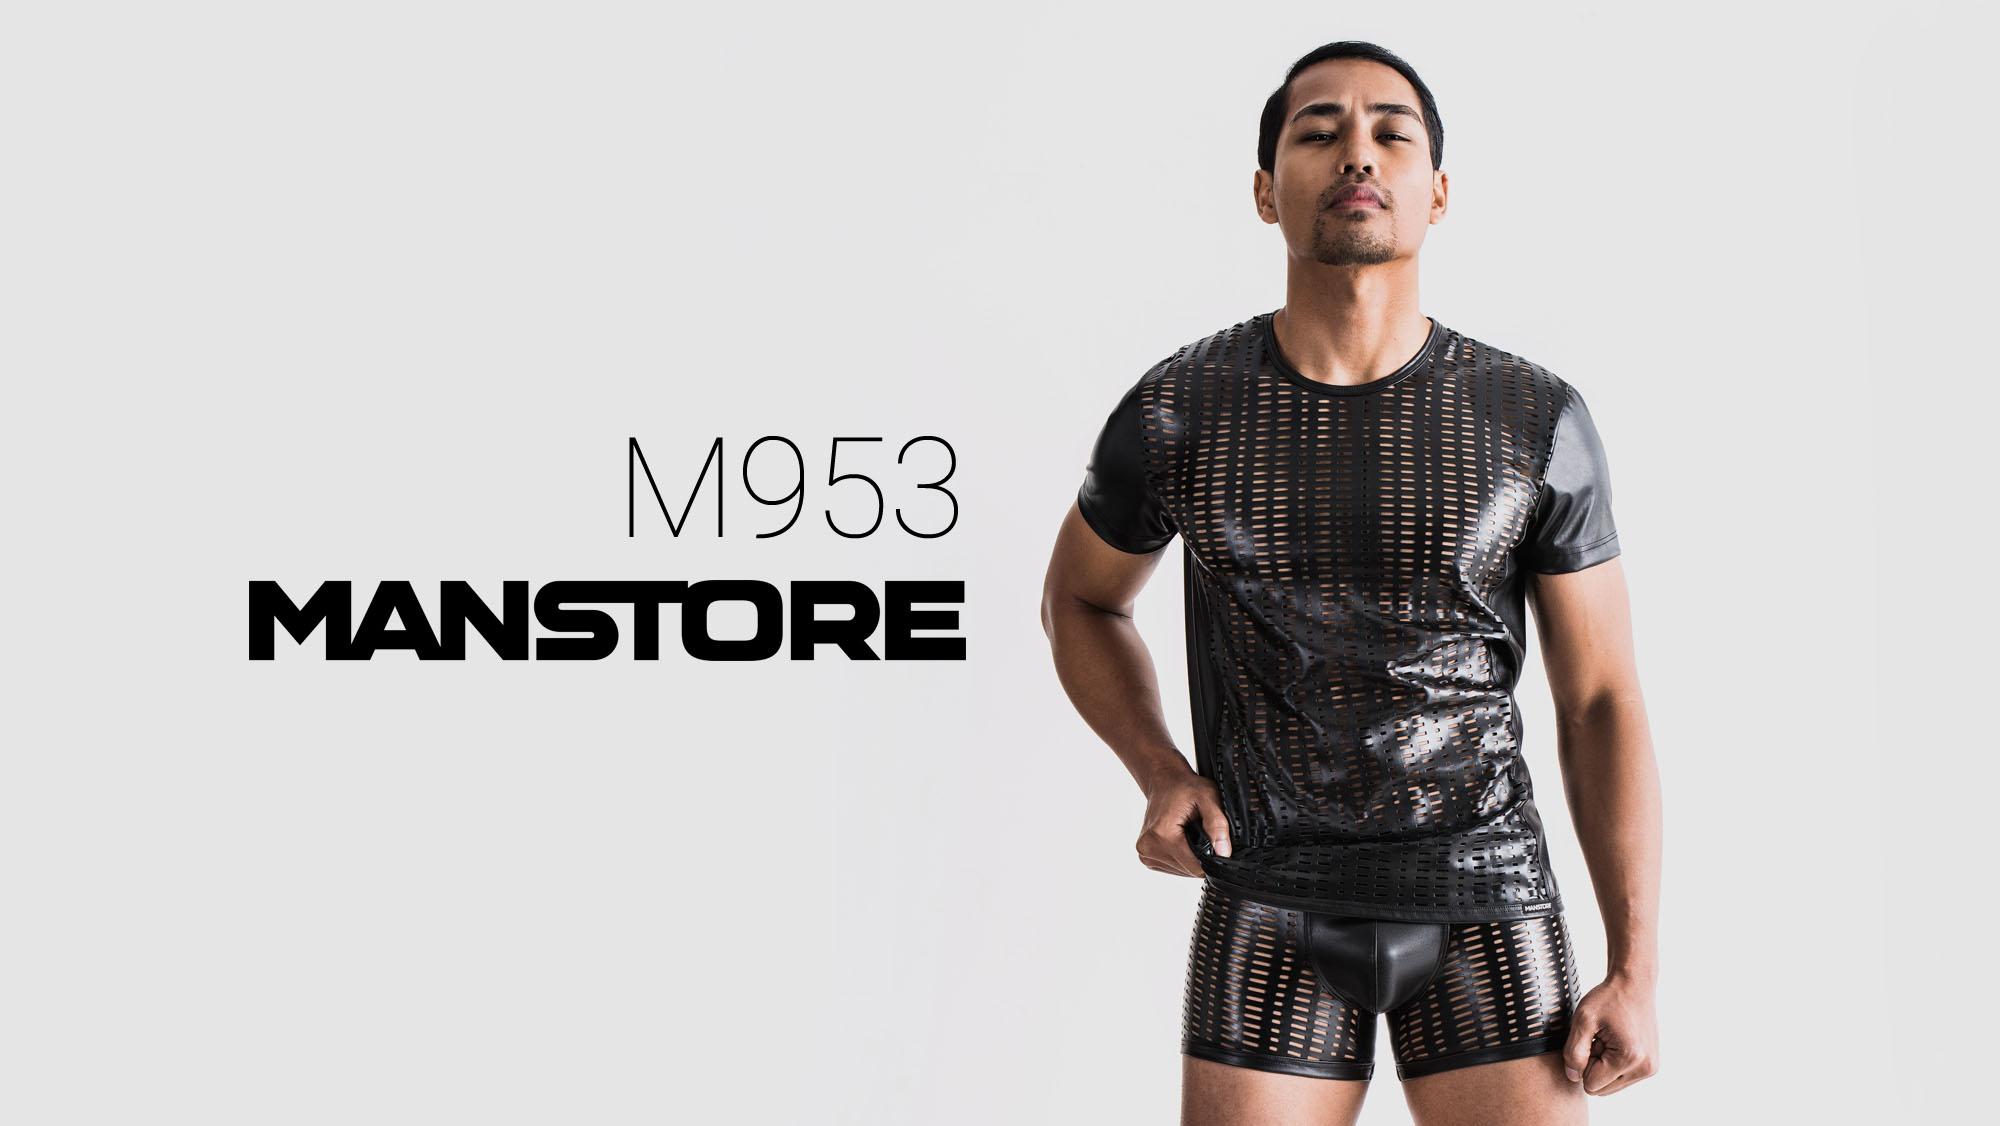 Manstore M953